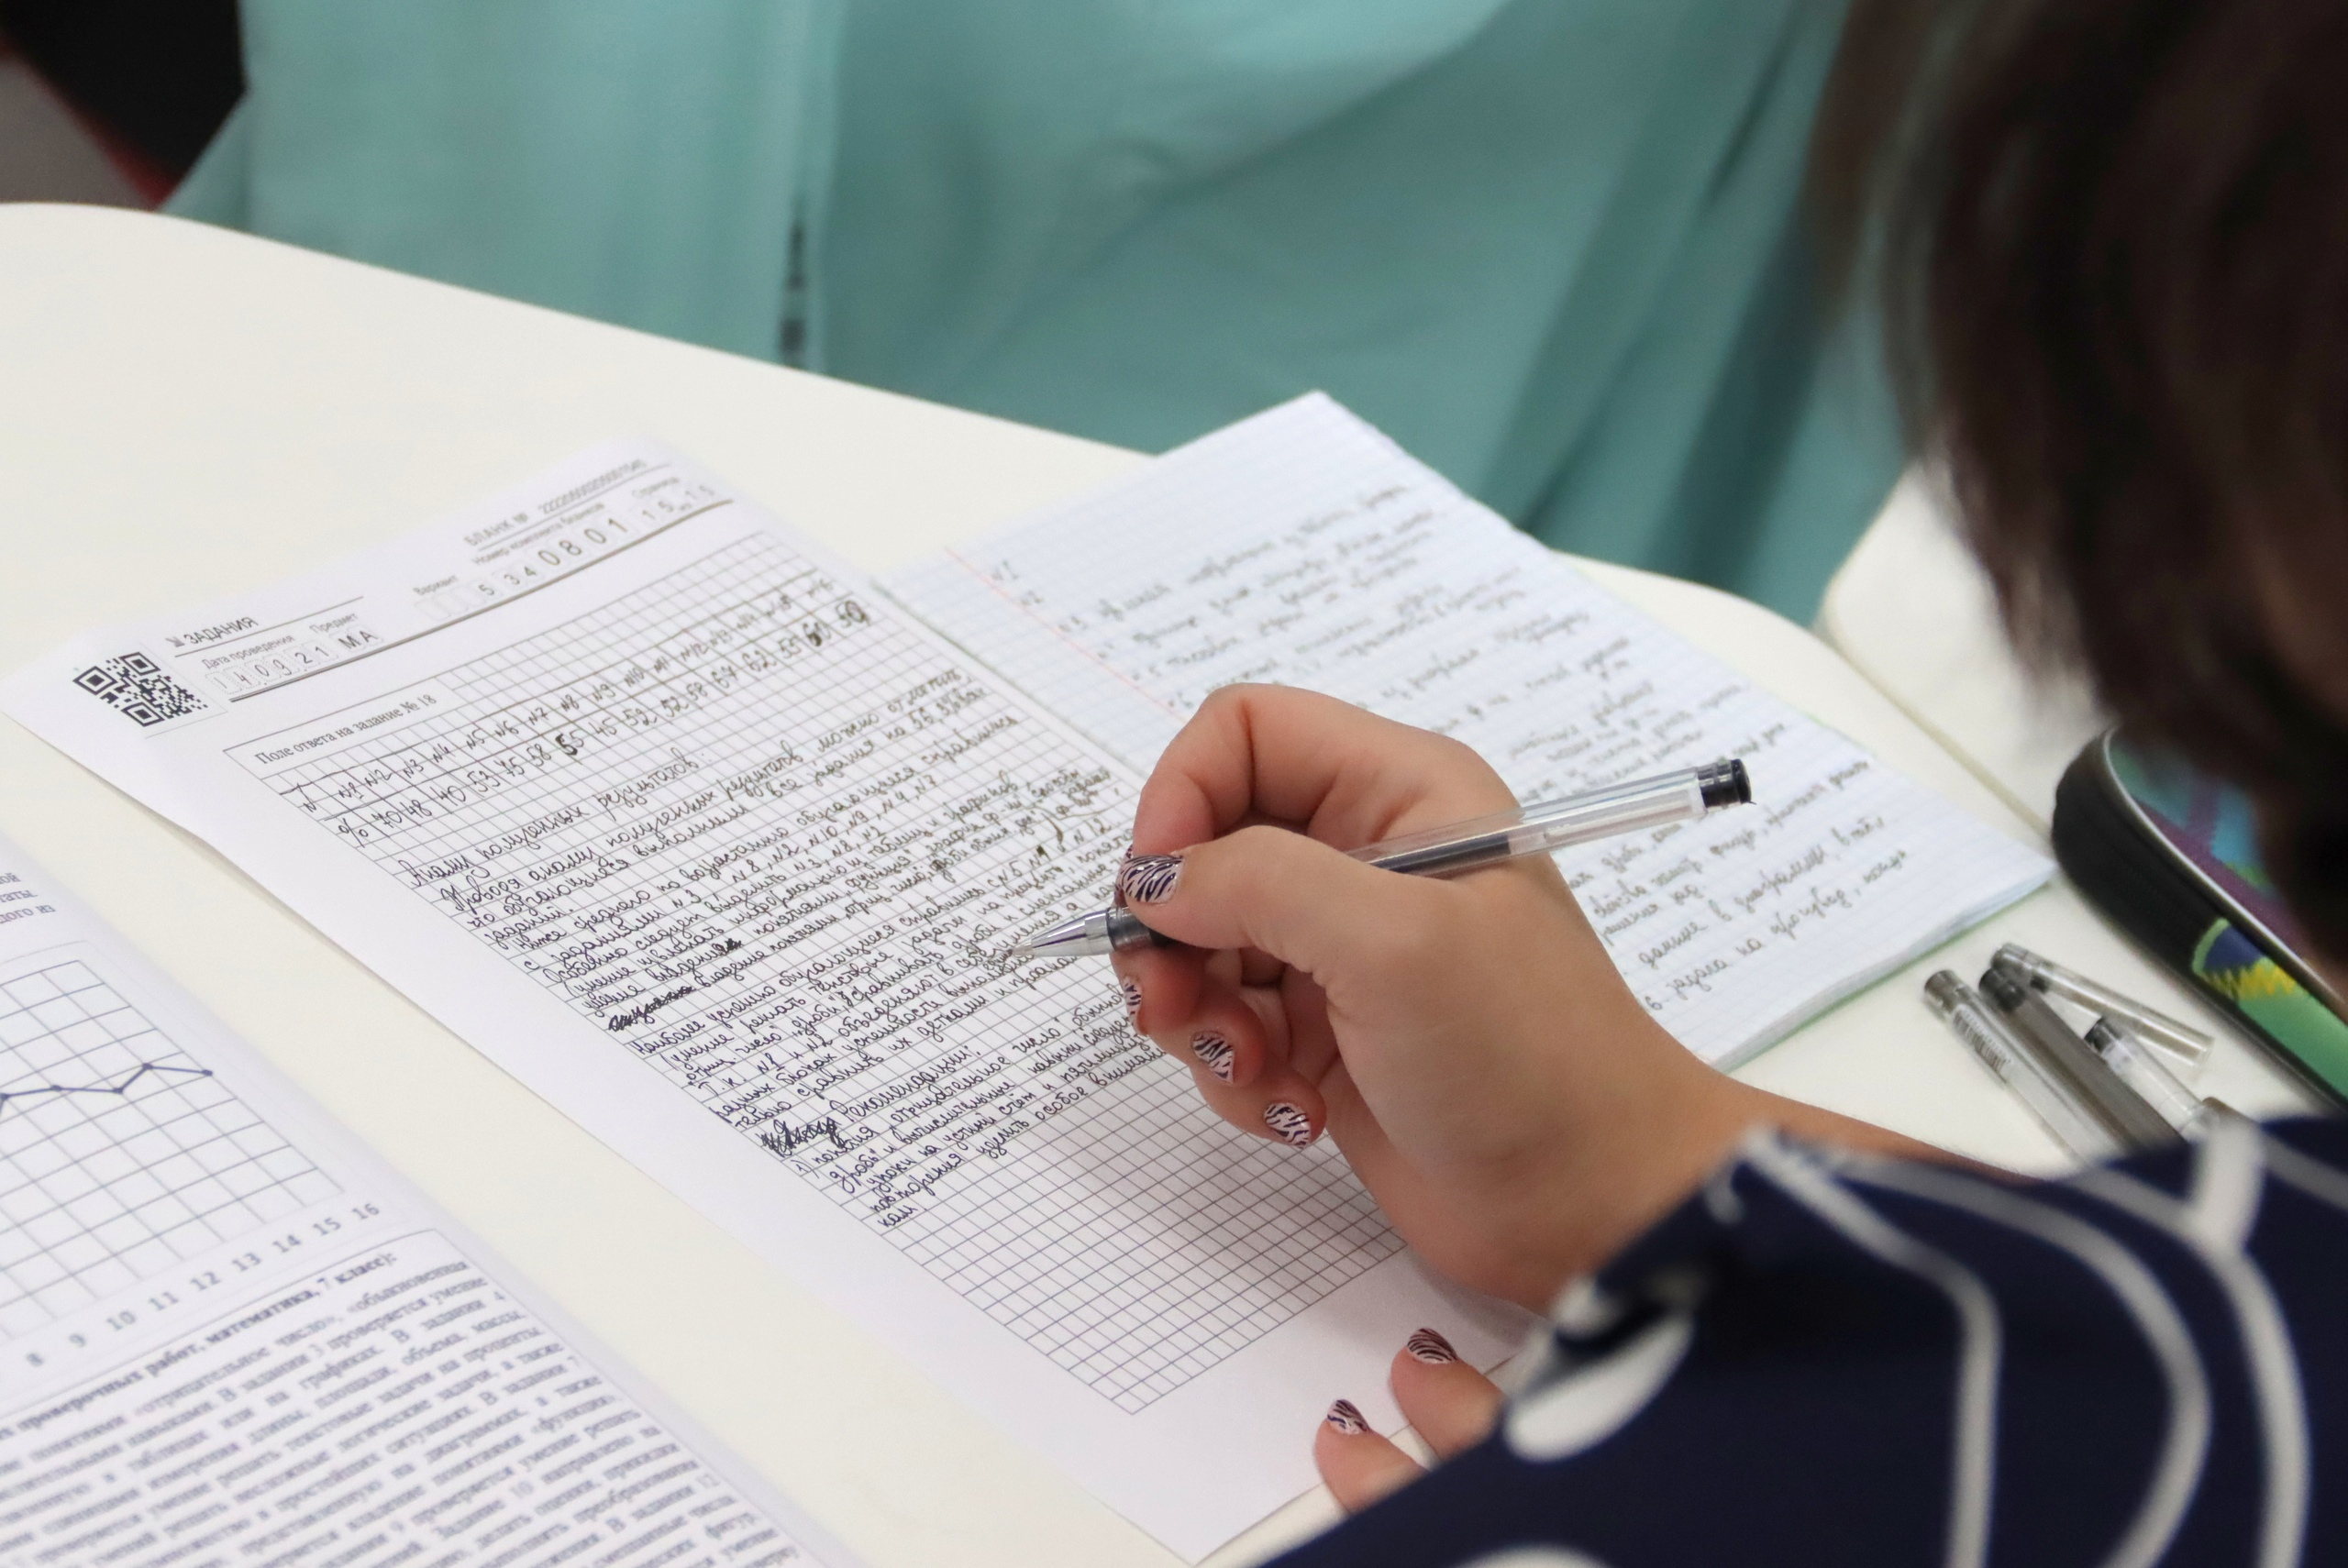 Новости Коломны   Экзамен пройден, ждем оценки Фото (Коломна)   iz zhizni kolomnyi